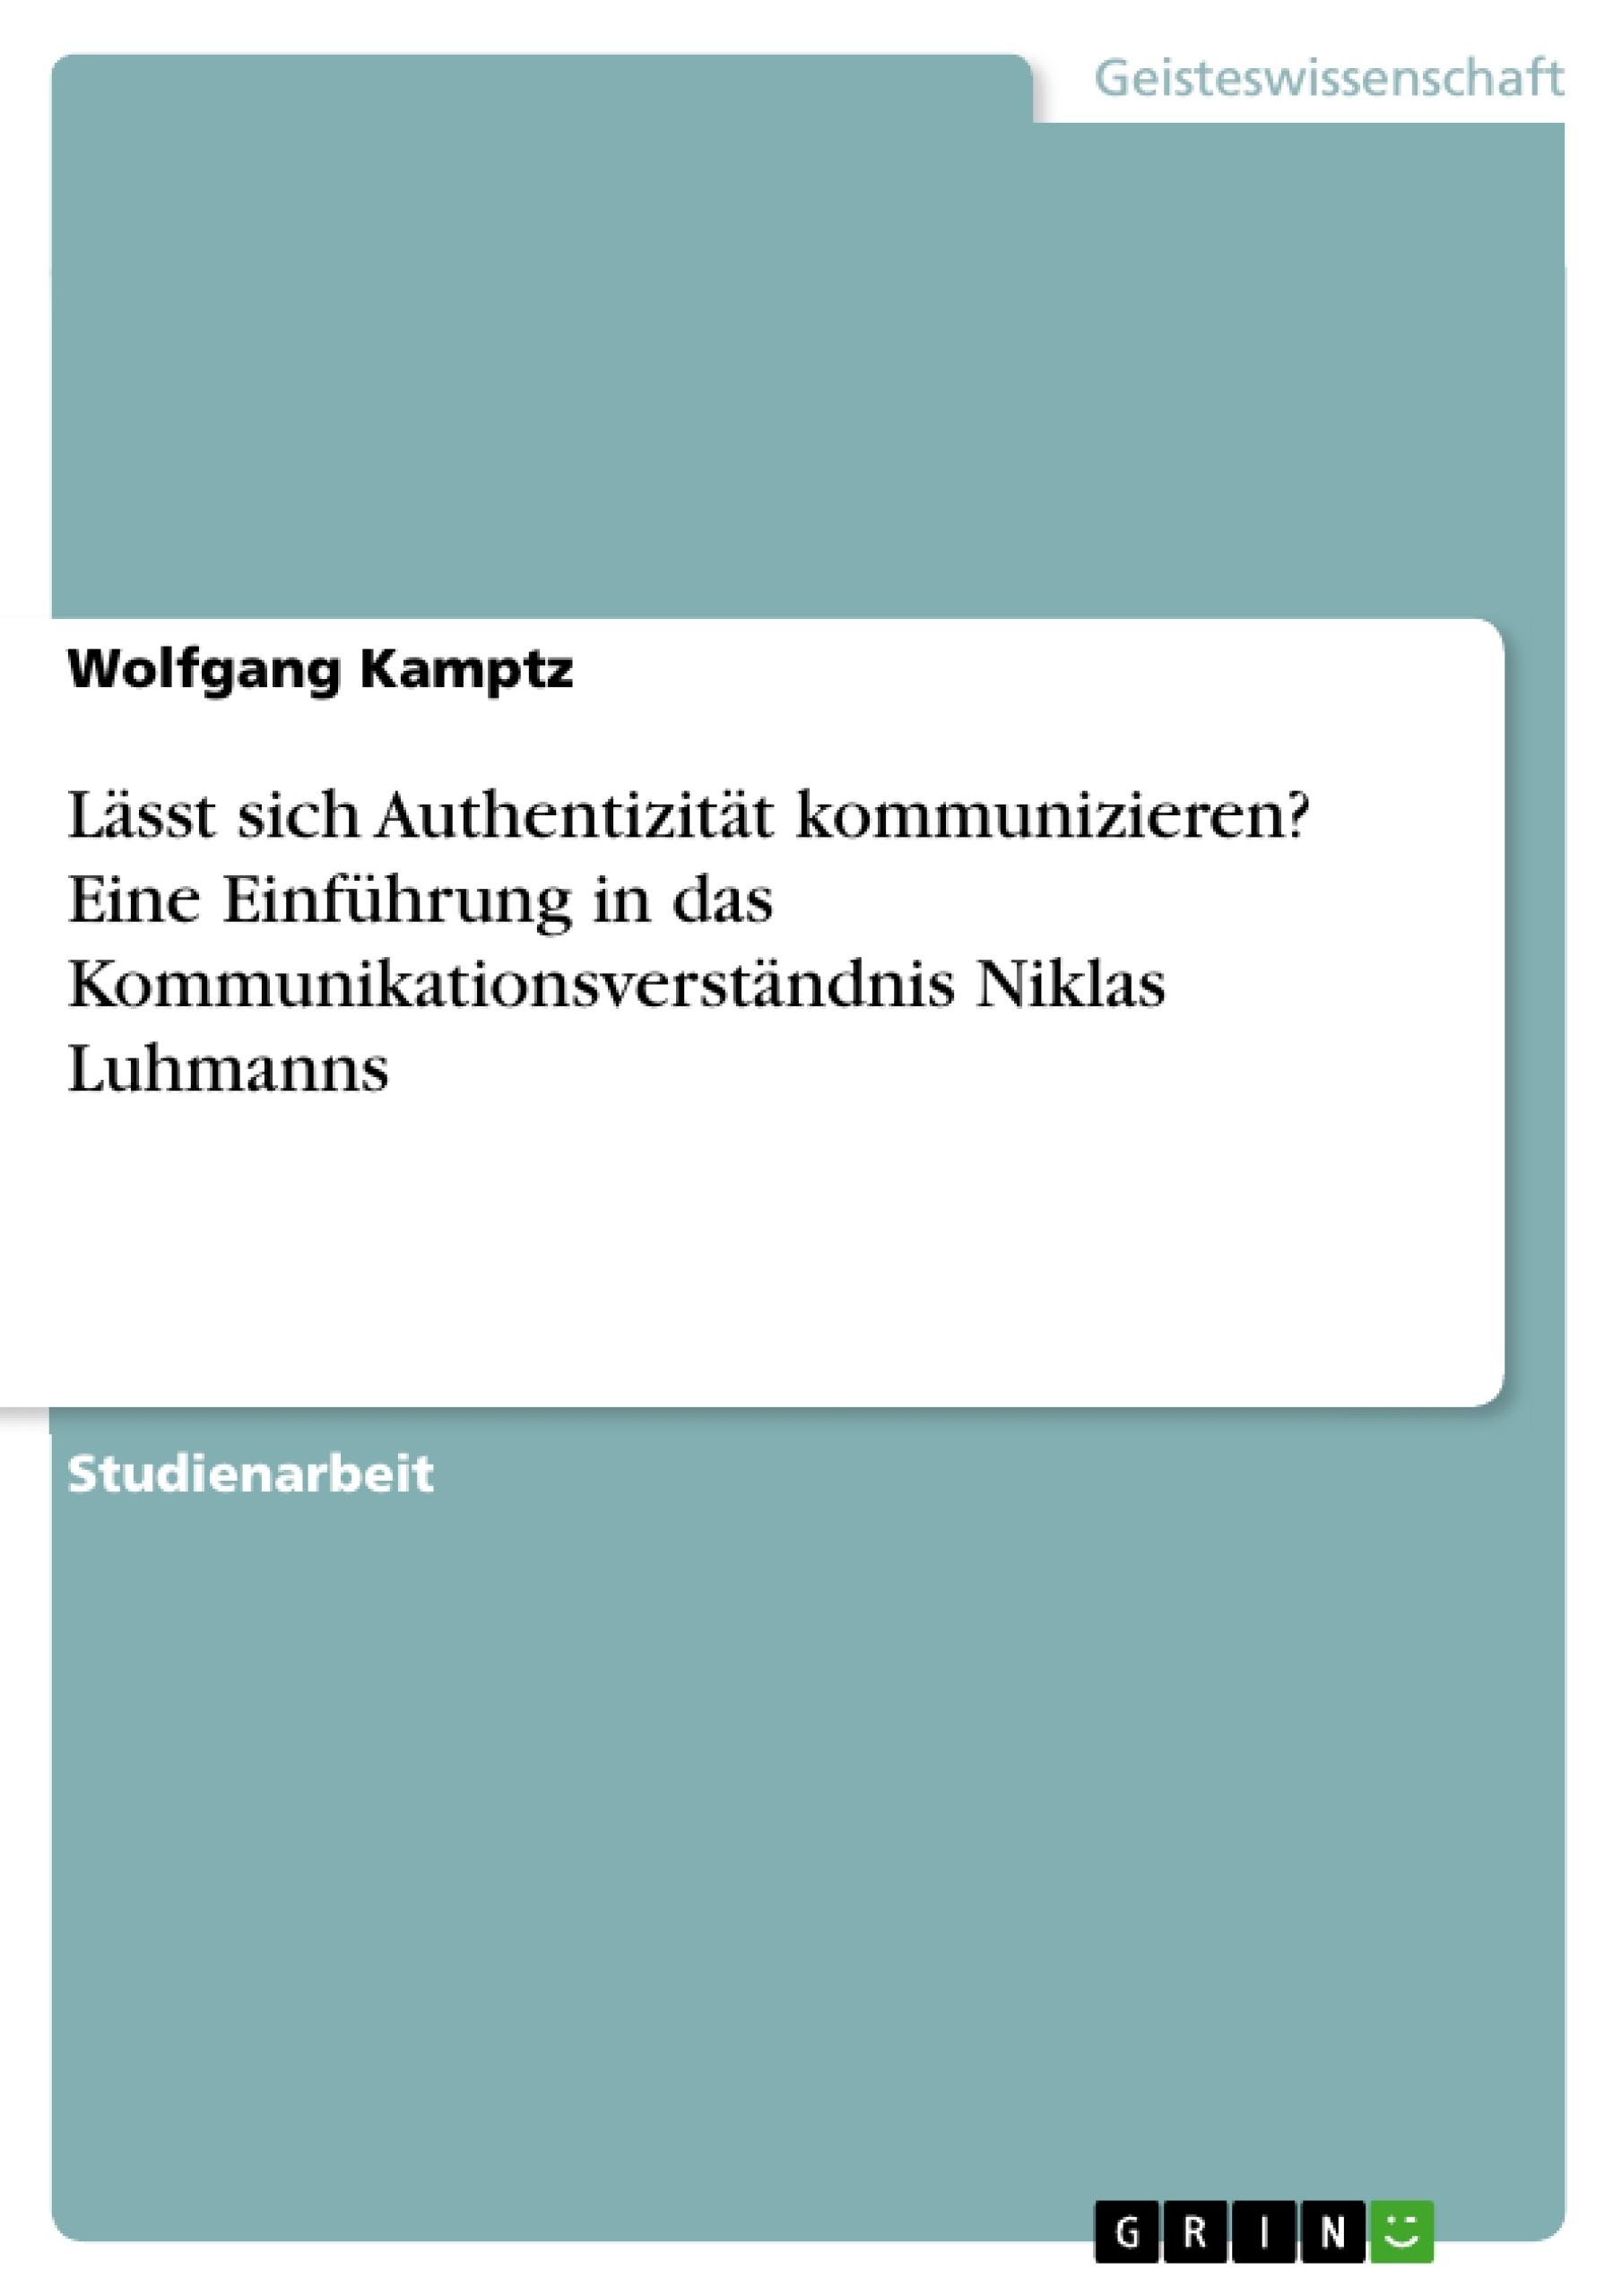 Titel: Lässt sich Authentizität kommunizieren? Eine Einführung in das Kommunikationsverständnis Niklas Luhmanns